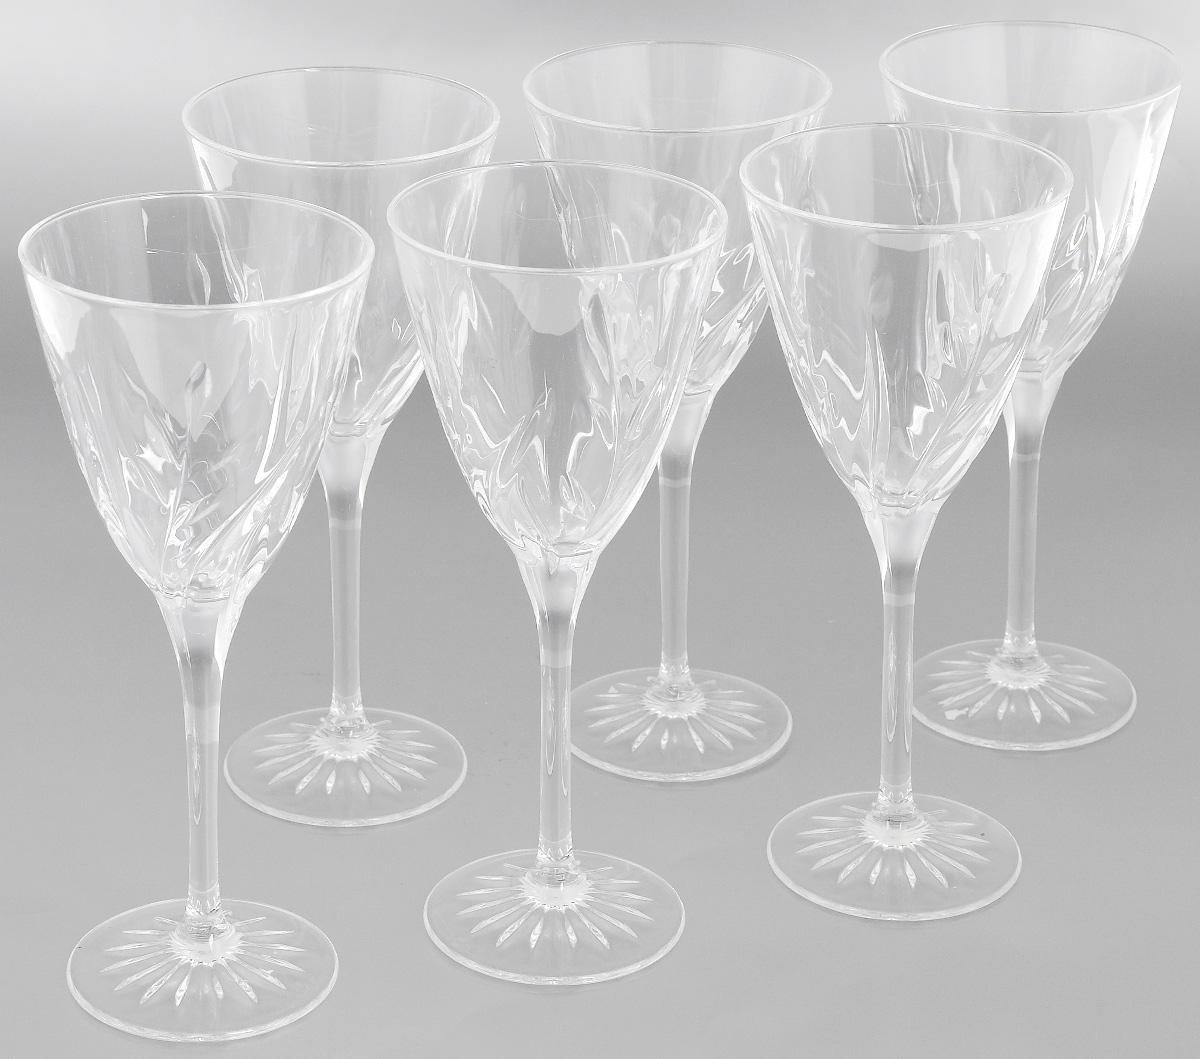 Набор фужеров Cristal dArques Cassandra, 240 мл, 6 штG5634Набор Cristal dArques Cassandra состоит из шести фужеров, выполненных из прочного стекла. Изделия оснащены высокими ножками и предназначены для подачи различных напитков. Они сочетают в себе элегантный дизайн и функциональность. Благодаря такому набору пить напитки будет еще вкуснее.Набор фужеров Cristal dArques Cassandra прекрасно оформит праздничный стол и создаст приятную атмосферу за романтическим ужином. Такой набор также станет хорошим подарком к любому случаю. Диаметр фужера (по верхнему краю): 8,7 см. Диаметр основания: 7 см.Высота фужера: 21 см.